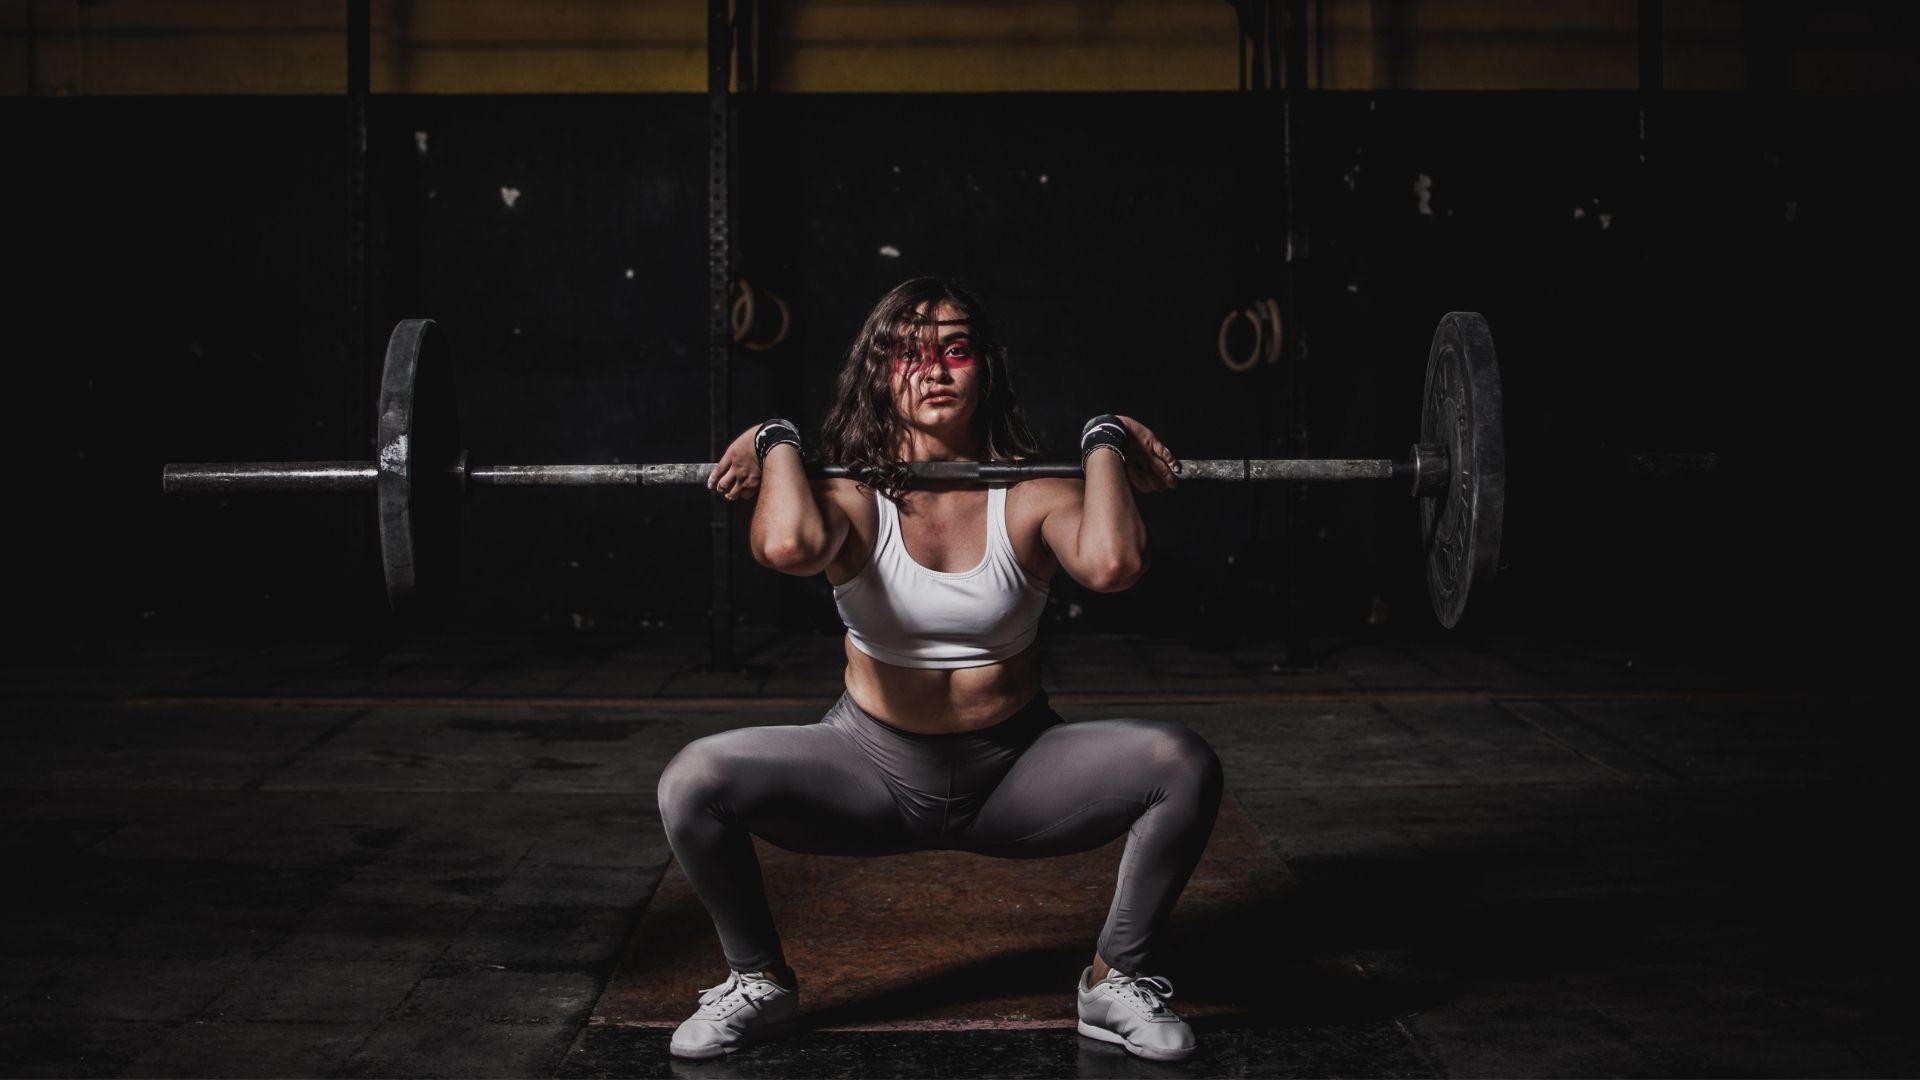 05 Muskelaufbau Frau